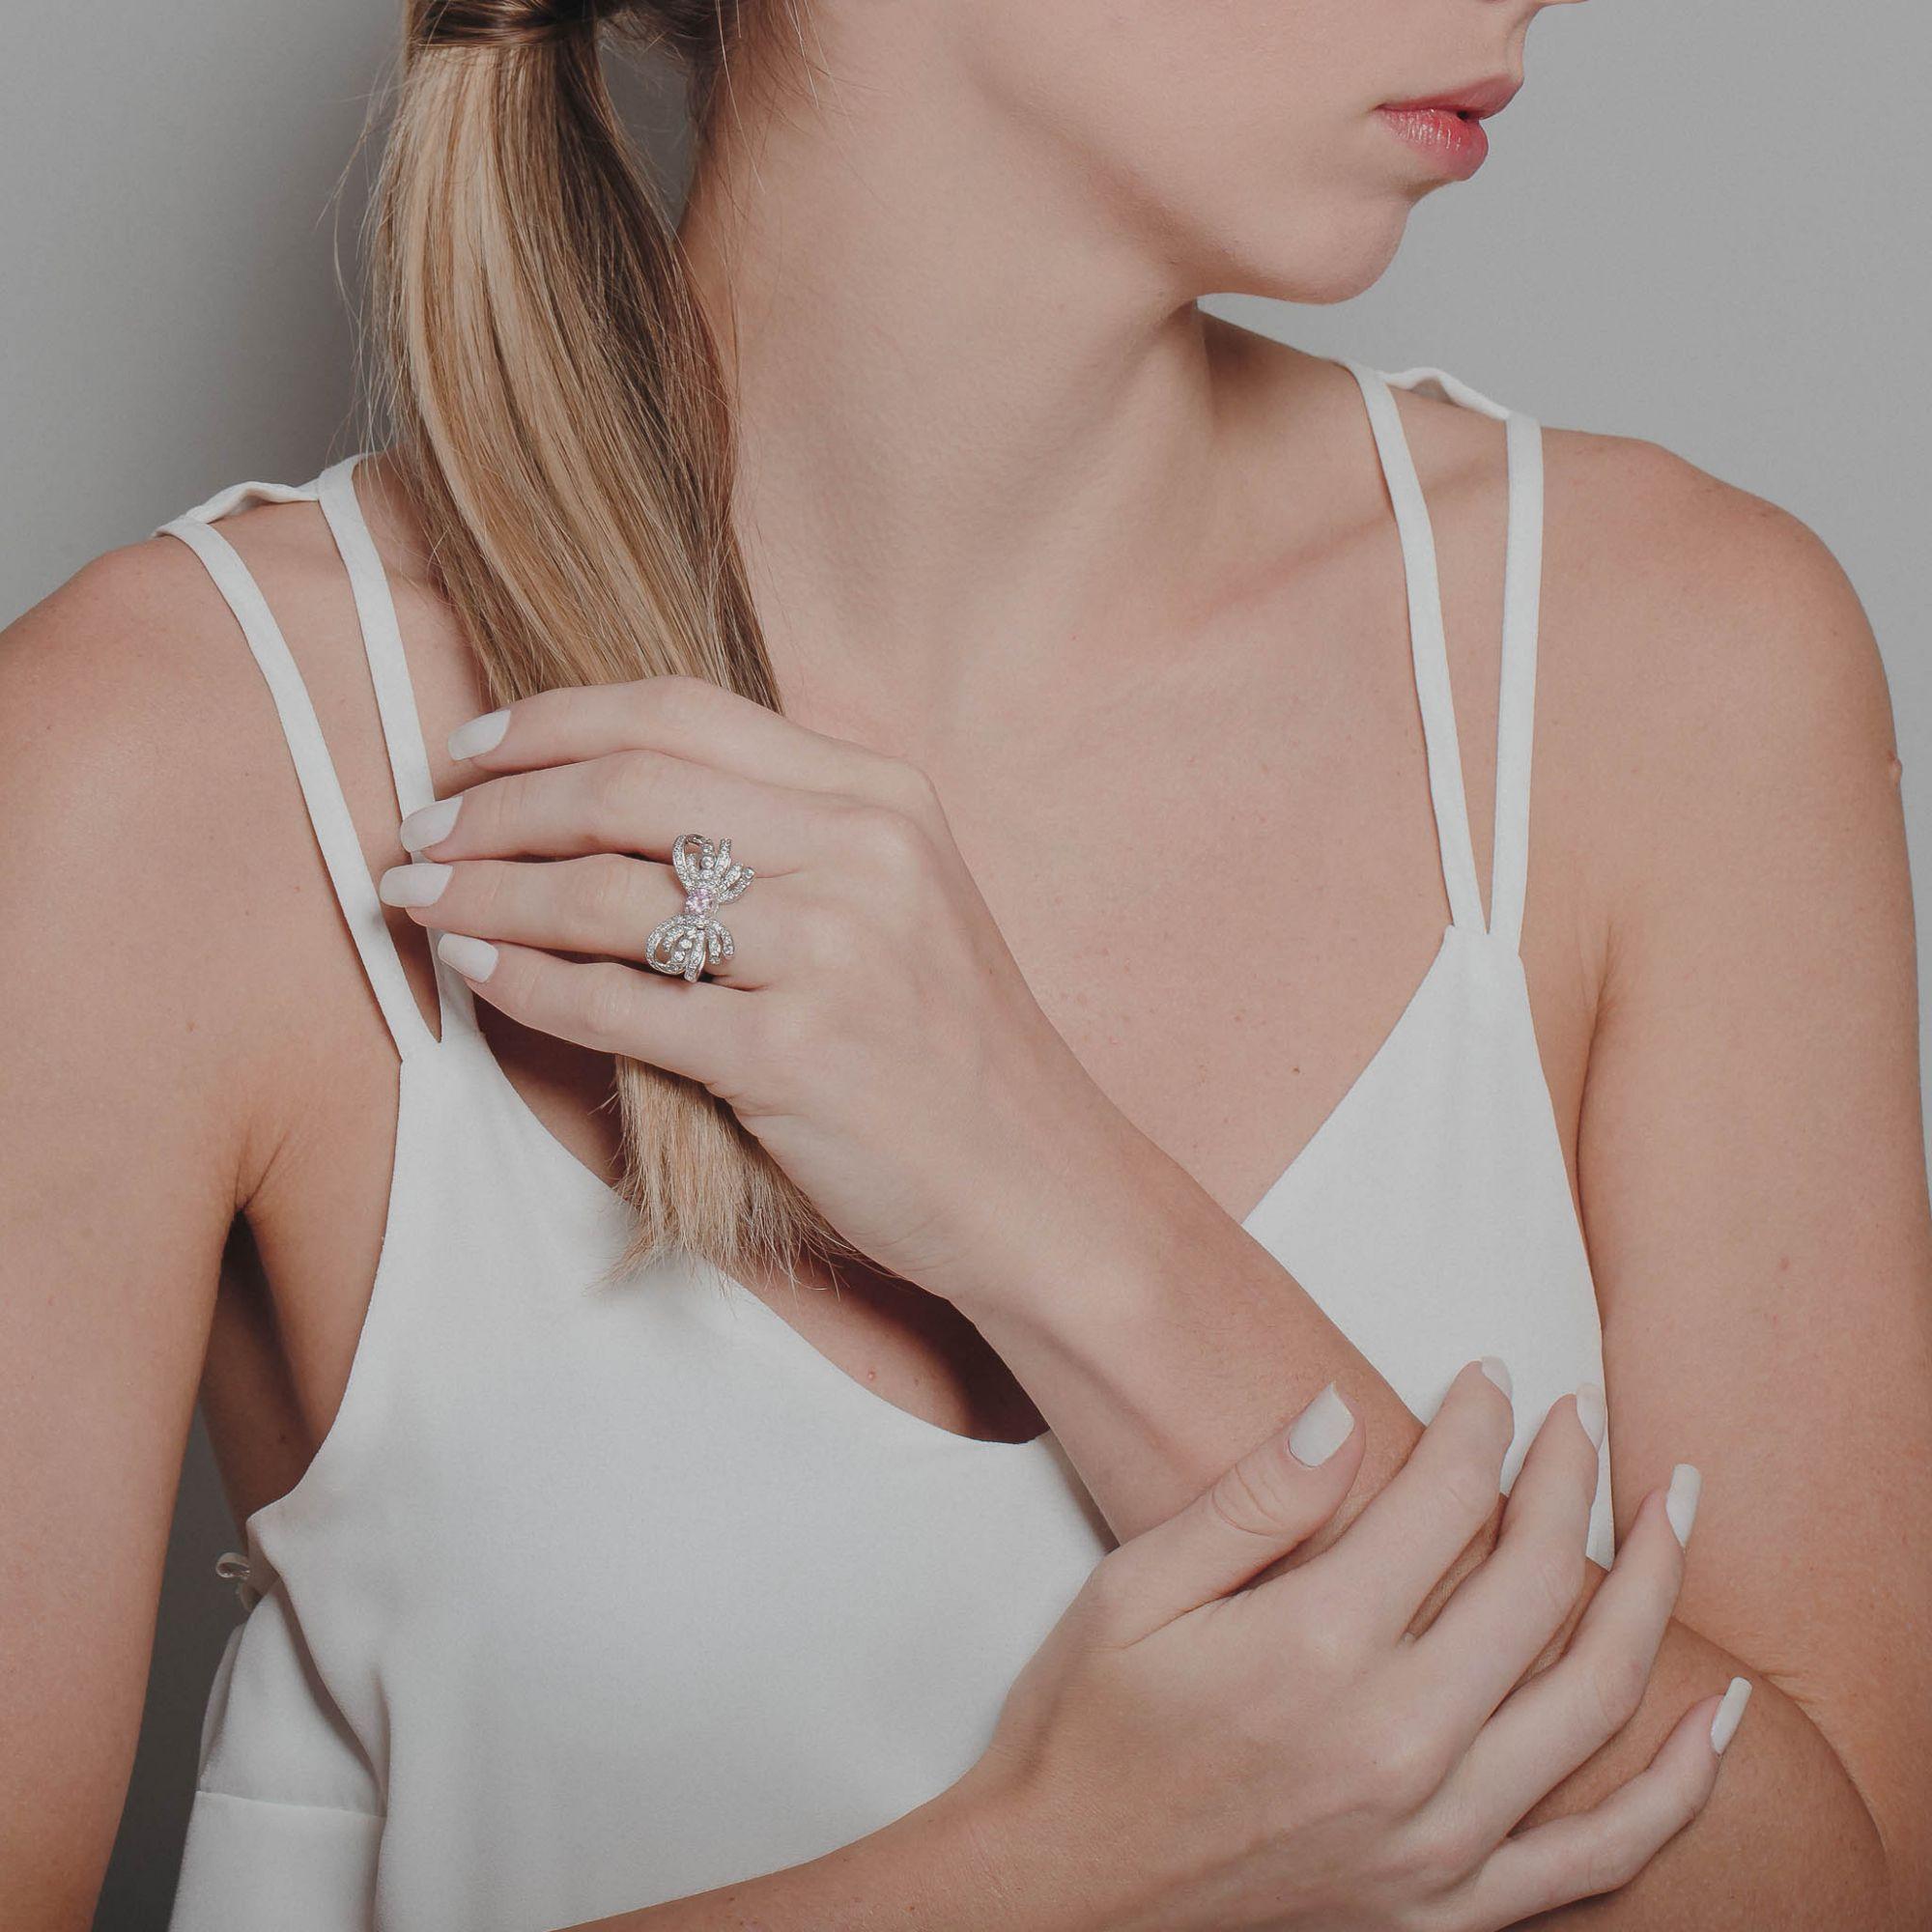 Anel de laço com zircônias cristais e cor de cosa banho de ródio branco.  - romabrazil.com.br